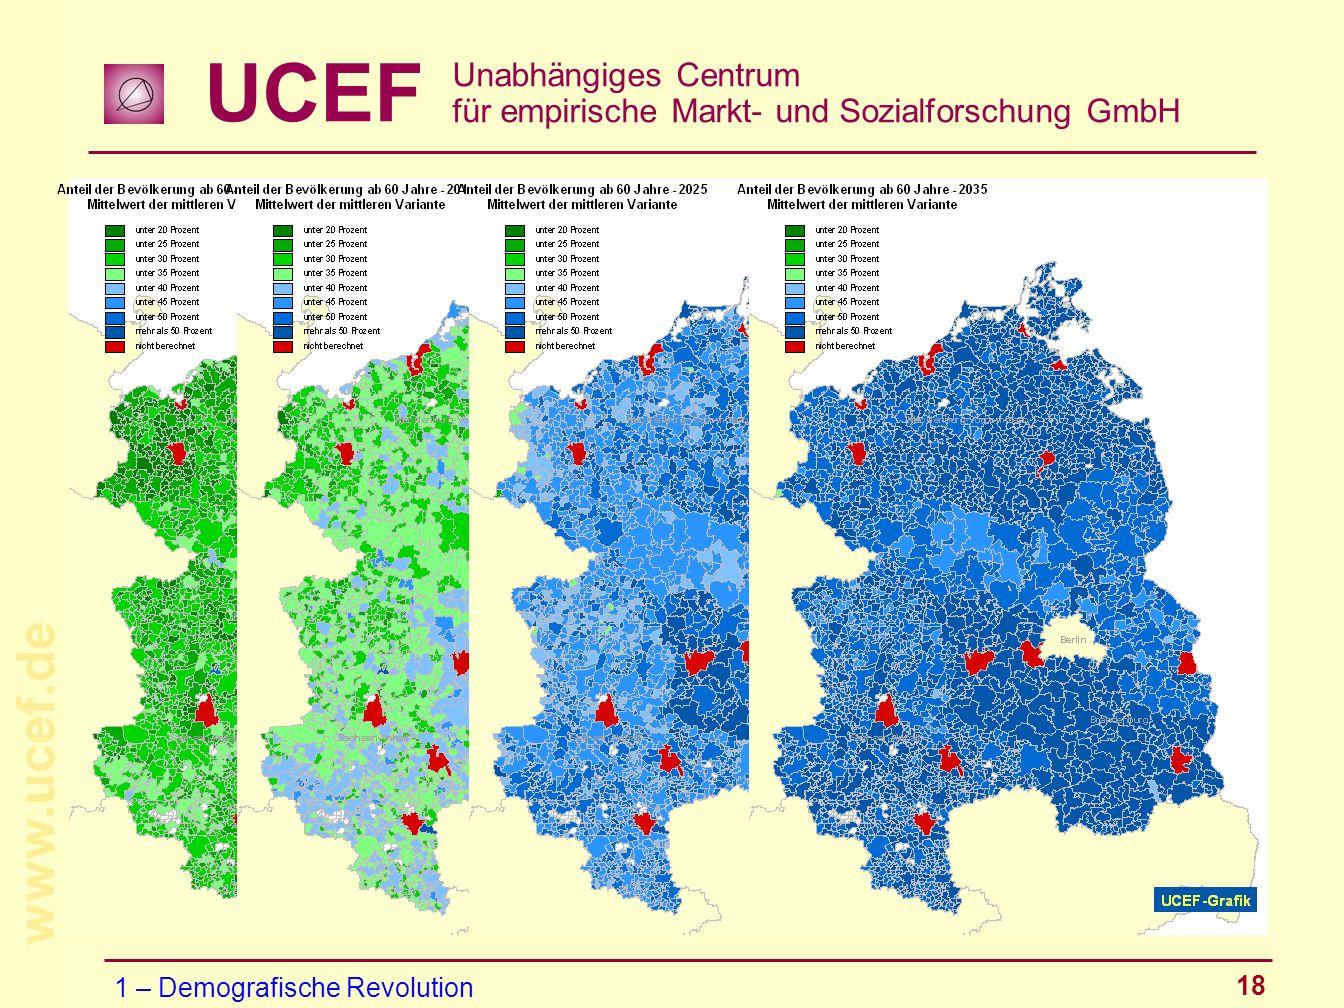 UCEF Unabhängiges Centrum für empirische Markt- und Sozialforschung GmbH www.ucef.de 18 Und Veralterung sieht dann etwa so aus... 1 – Demografische Re